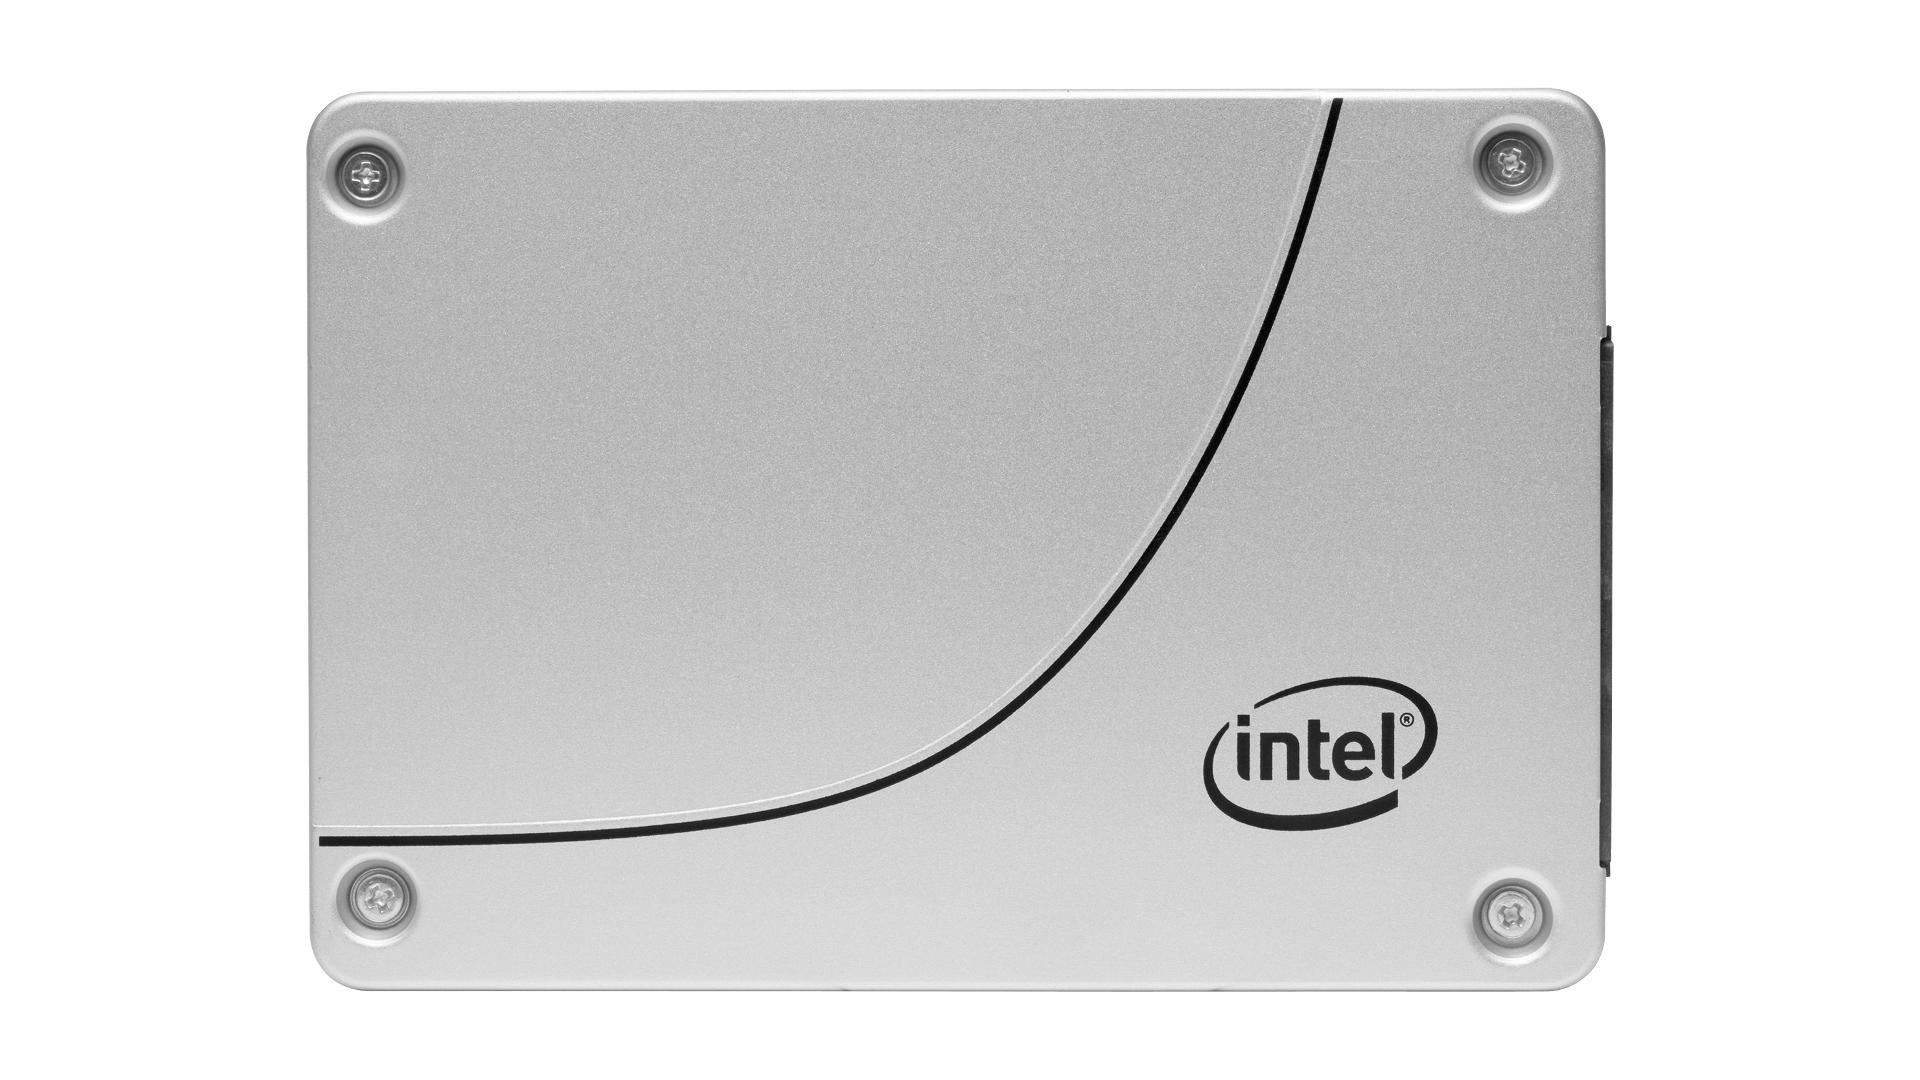 D3 S4510 13 7680 GB Serial ATA III TLC 3D NAND